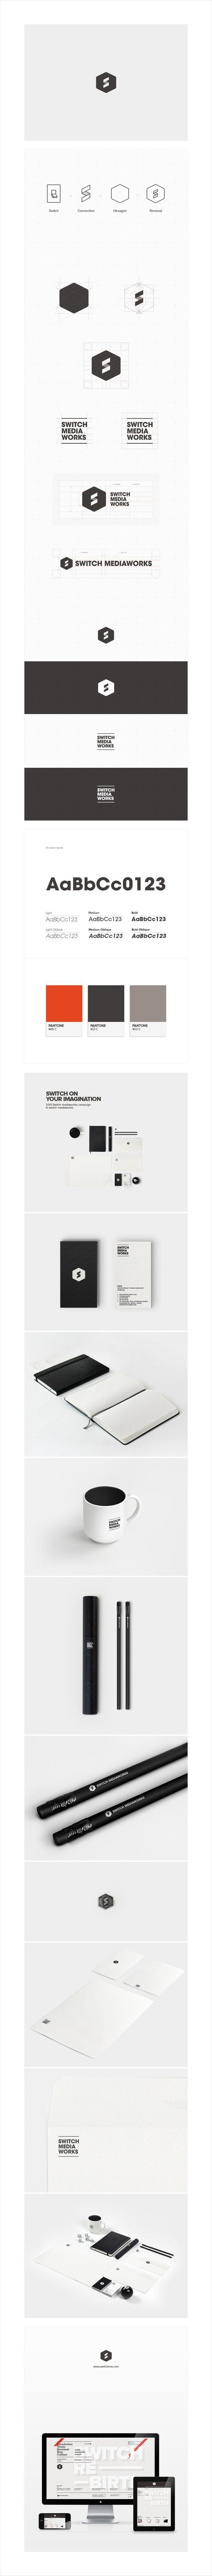 Switch mediaworks  | #visualidentity #branding #logotype